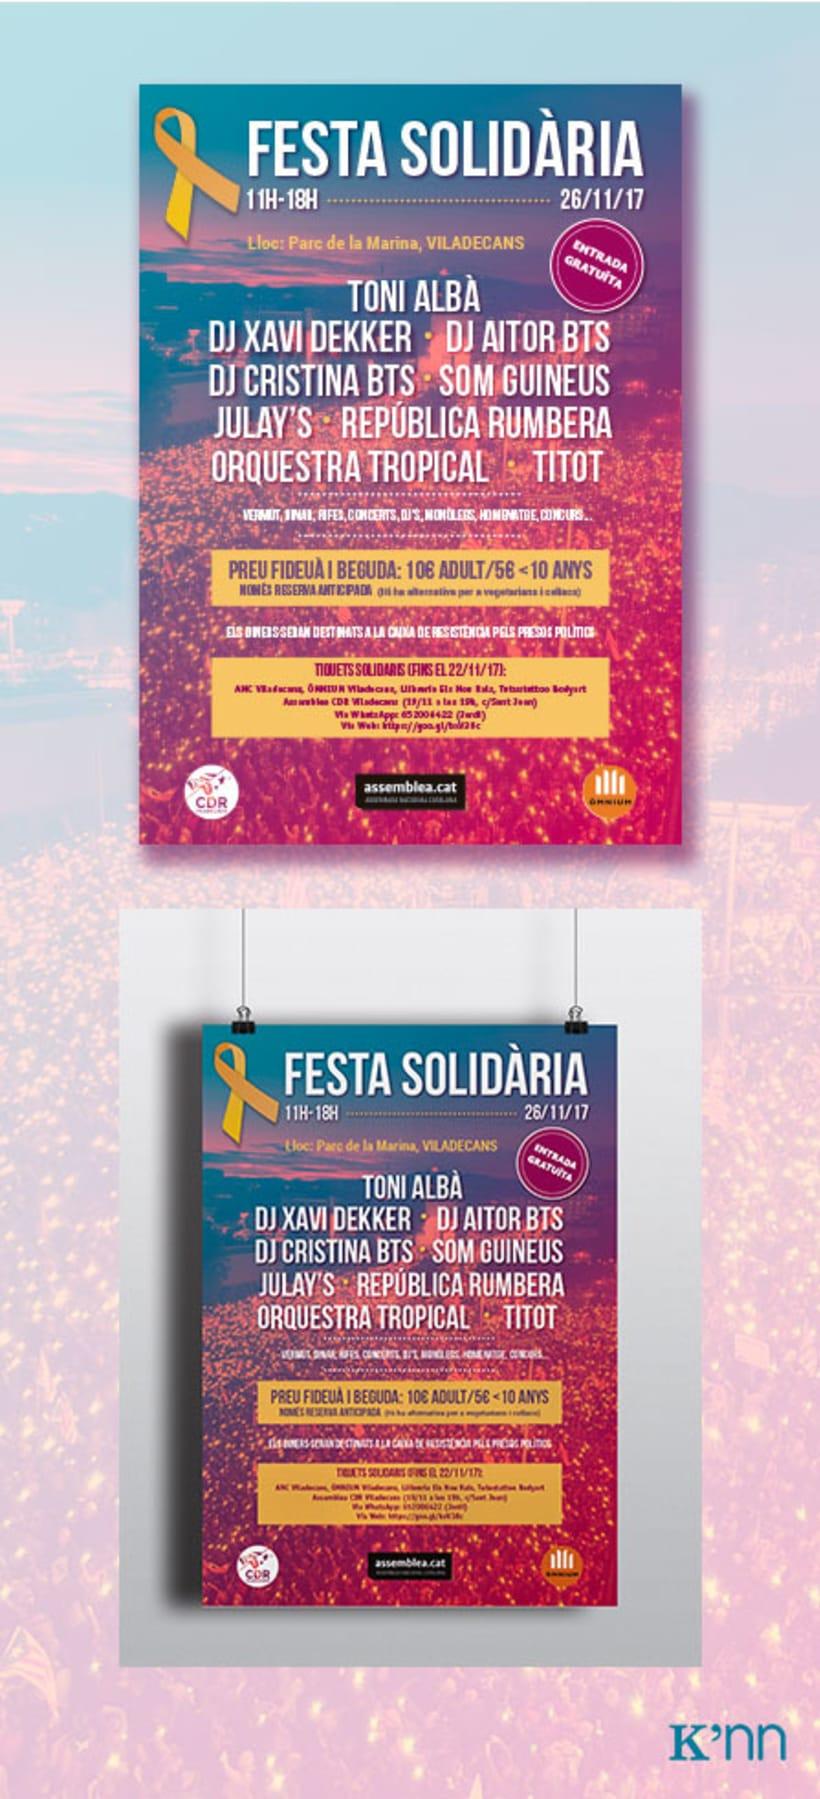 Festa Solidaria CDR Viladecans 0